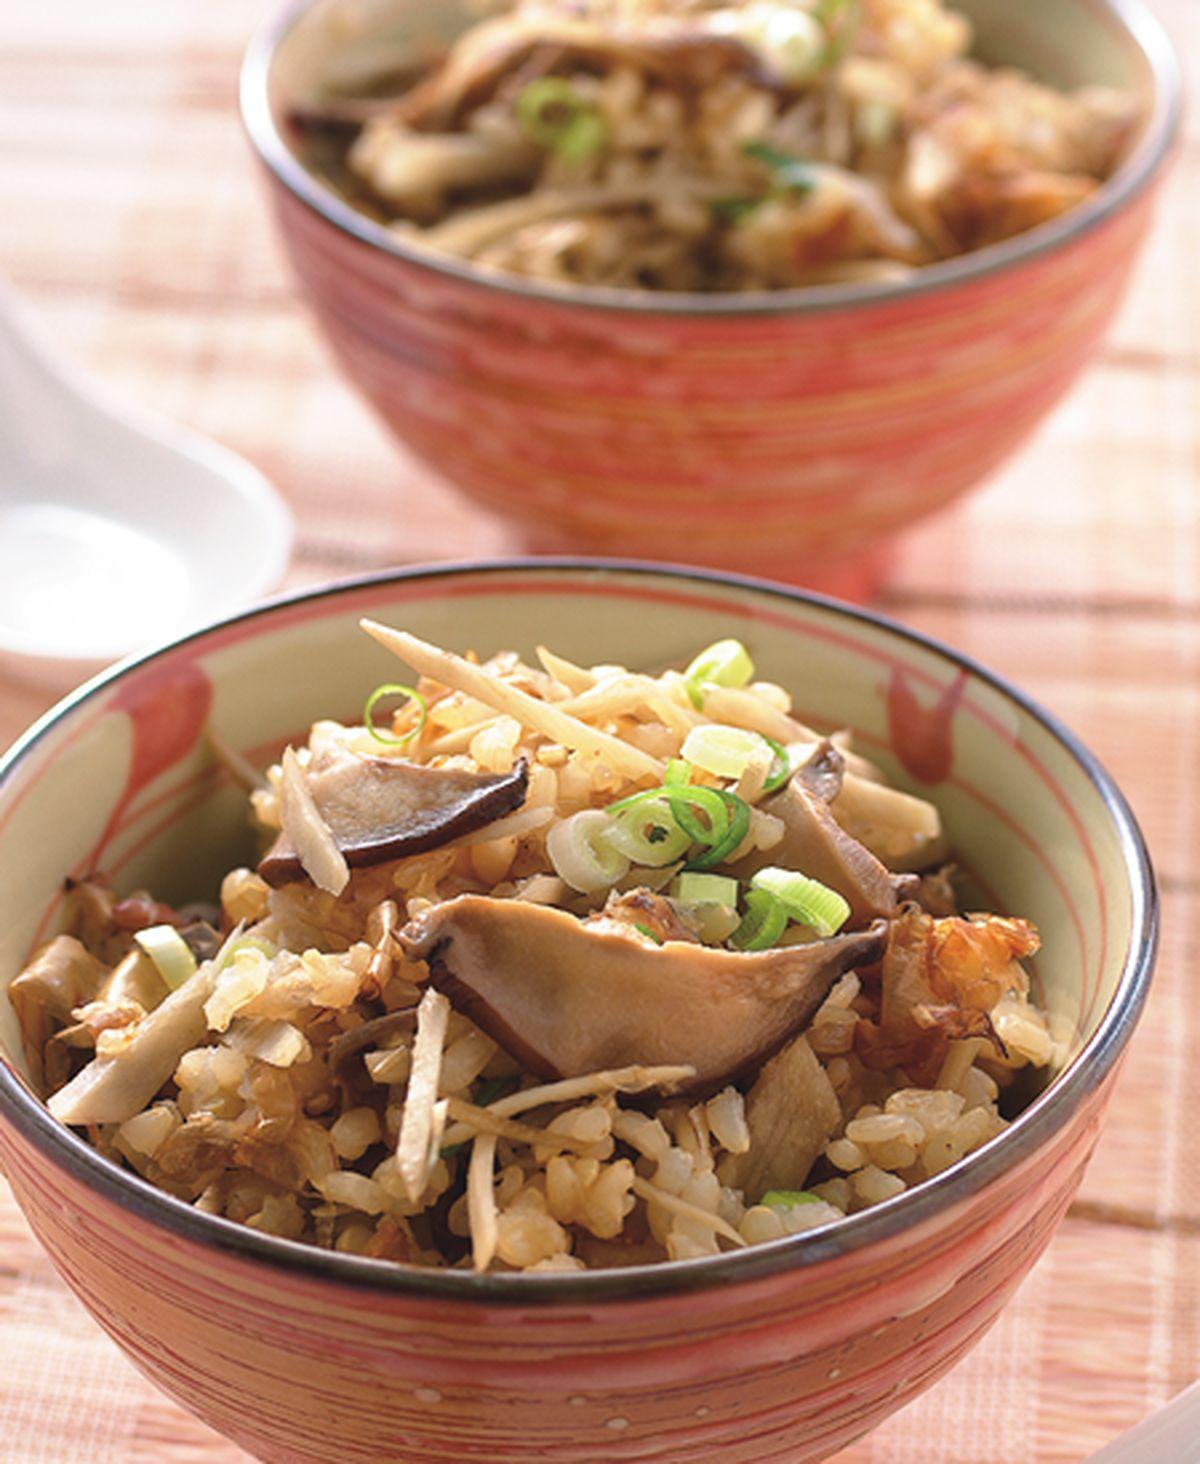 胡瓜鱼的做法_牛蒡柴鱼饭的做法-怎么做牛蒡柴鱼饭的制作方法详解